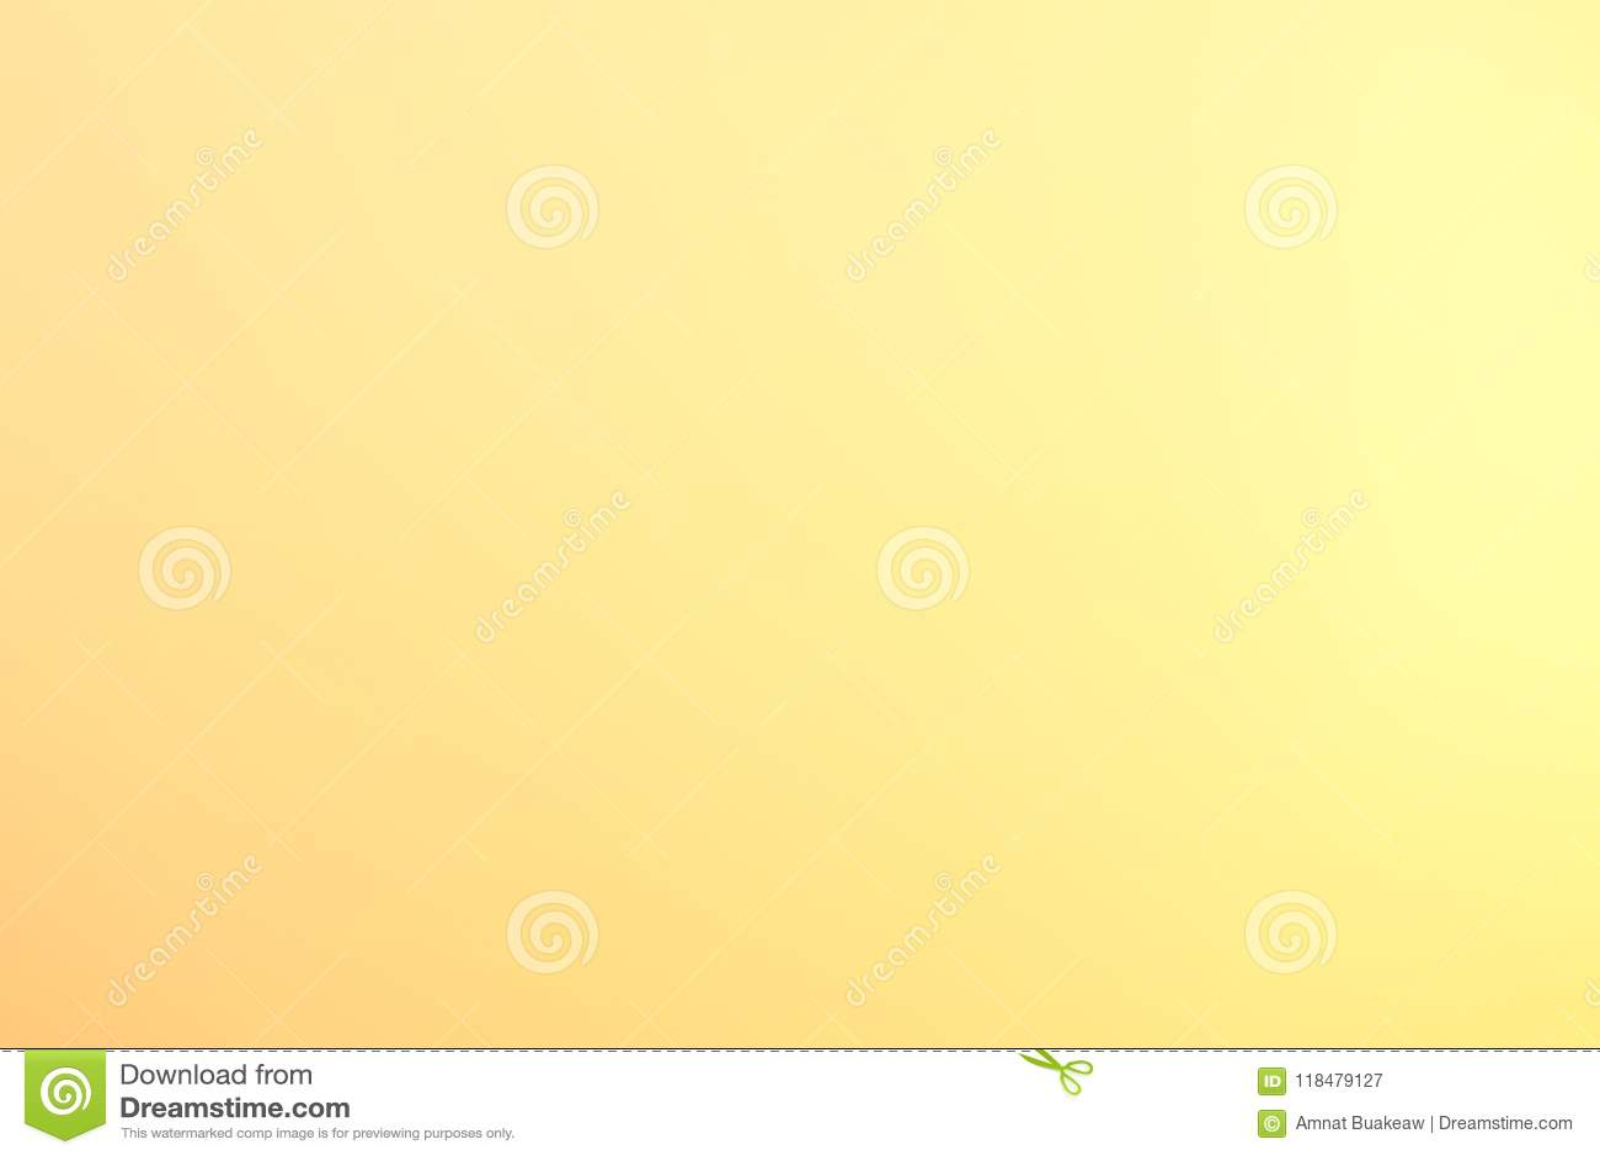 Tło miękki jasnożółty złocisty rozmyty pastelowy kolor, Żółtego złota abstrakcjonistycznej sztuki gradientowa graficzna jaskrawa